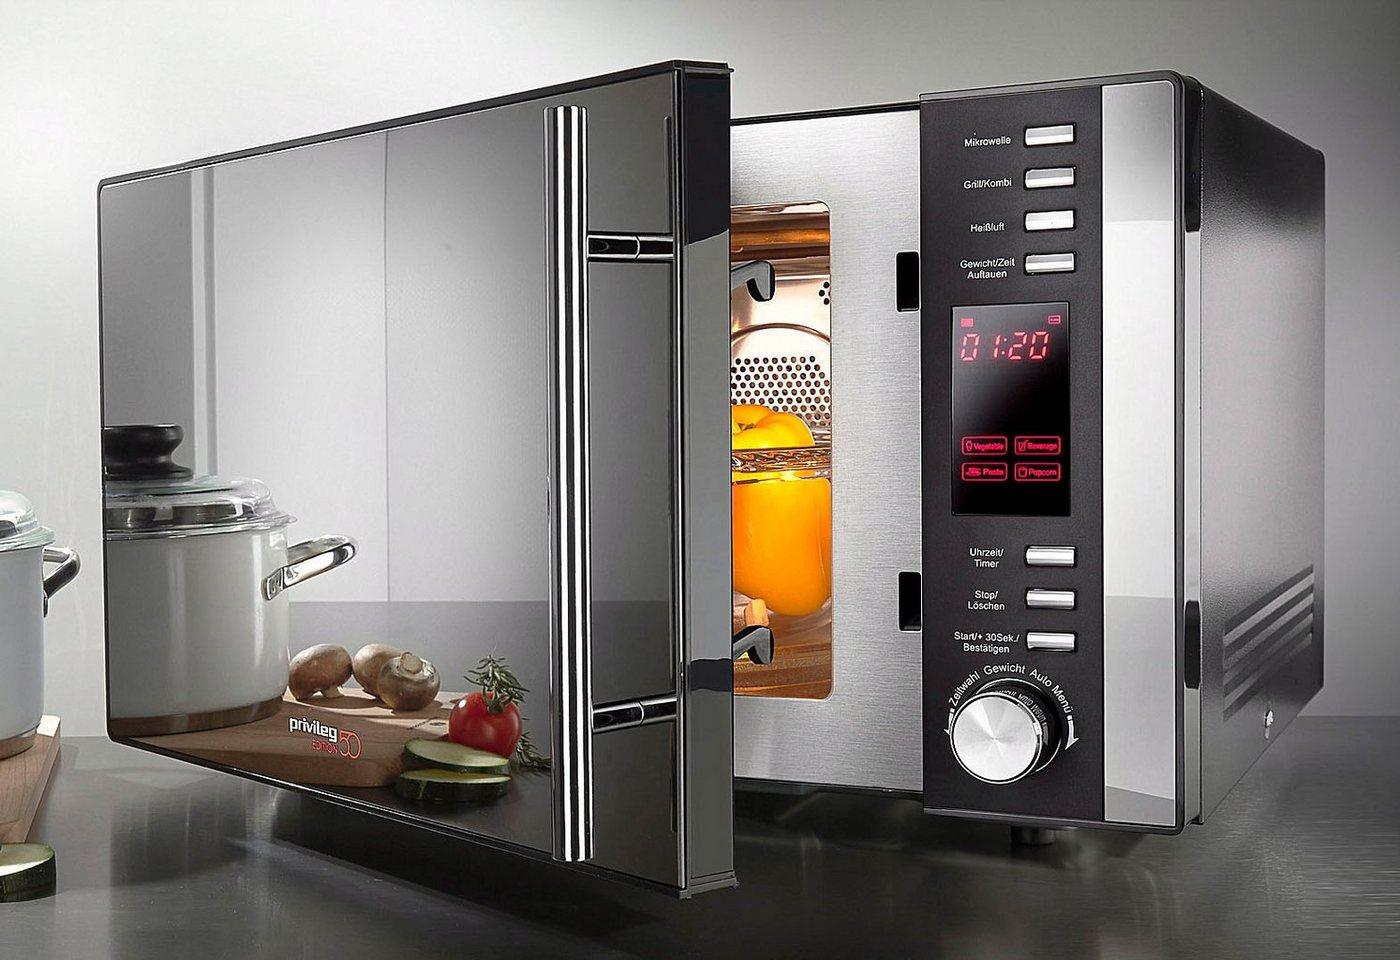 *Privileg 3-in-1-Mikrowelle AC925EBL Edition 50, Heißluft und Grill, 25 Liter Garraum, 10 Automatikprogramme und 5 Leistungsstufen, 900 Watt*